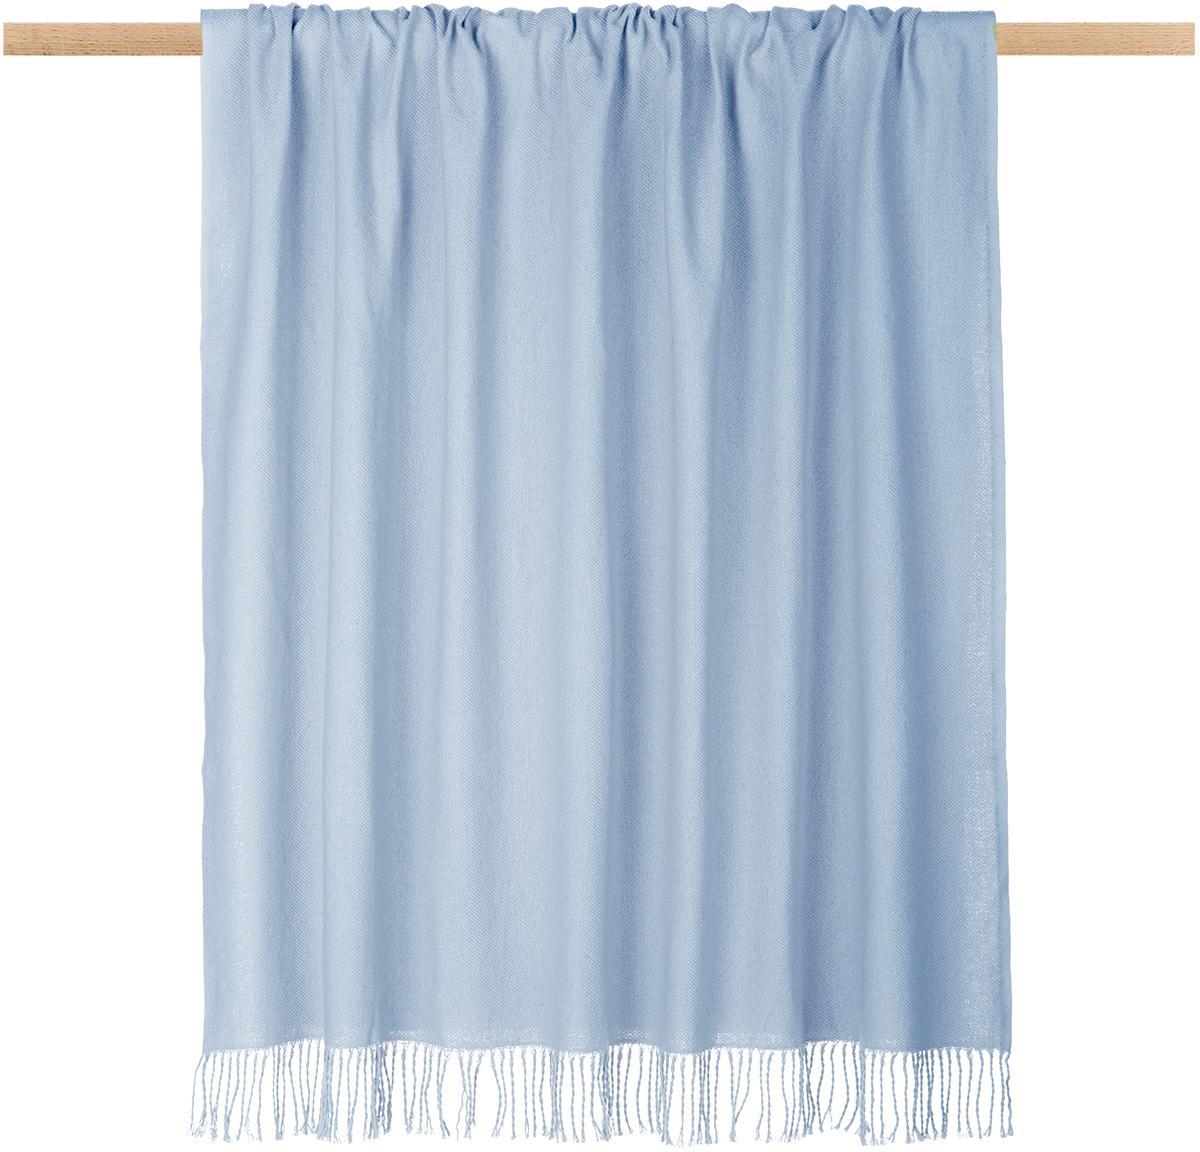 Einfarbiges Plaid Madison in Hellblau mit Fransenabschluss, 100% Baumwolle, Hellblau, 130 x 170 cm